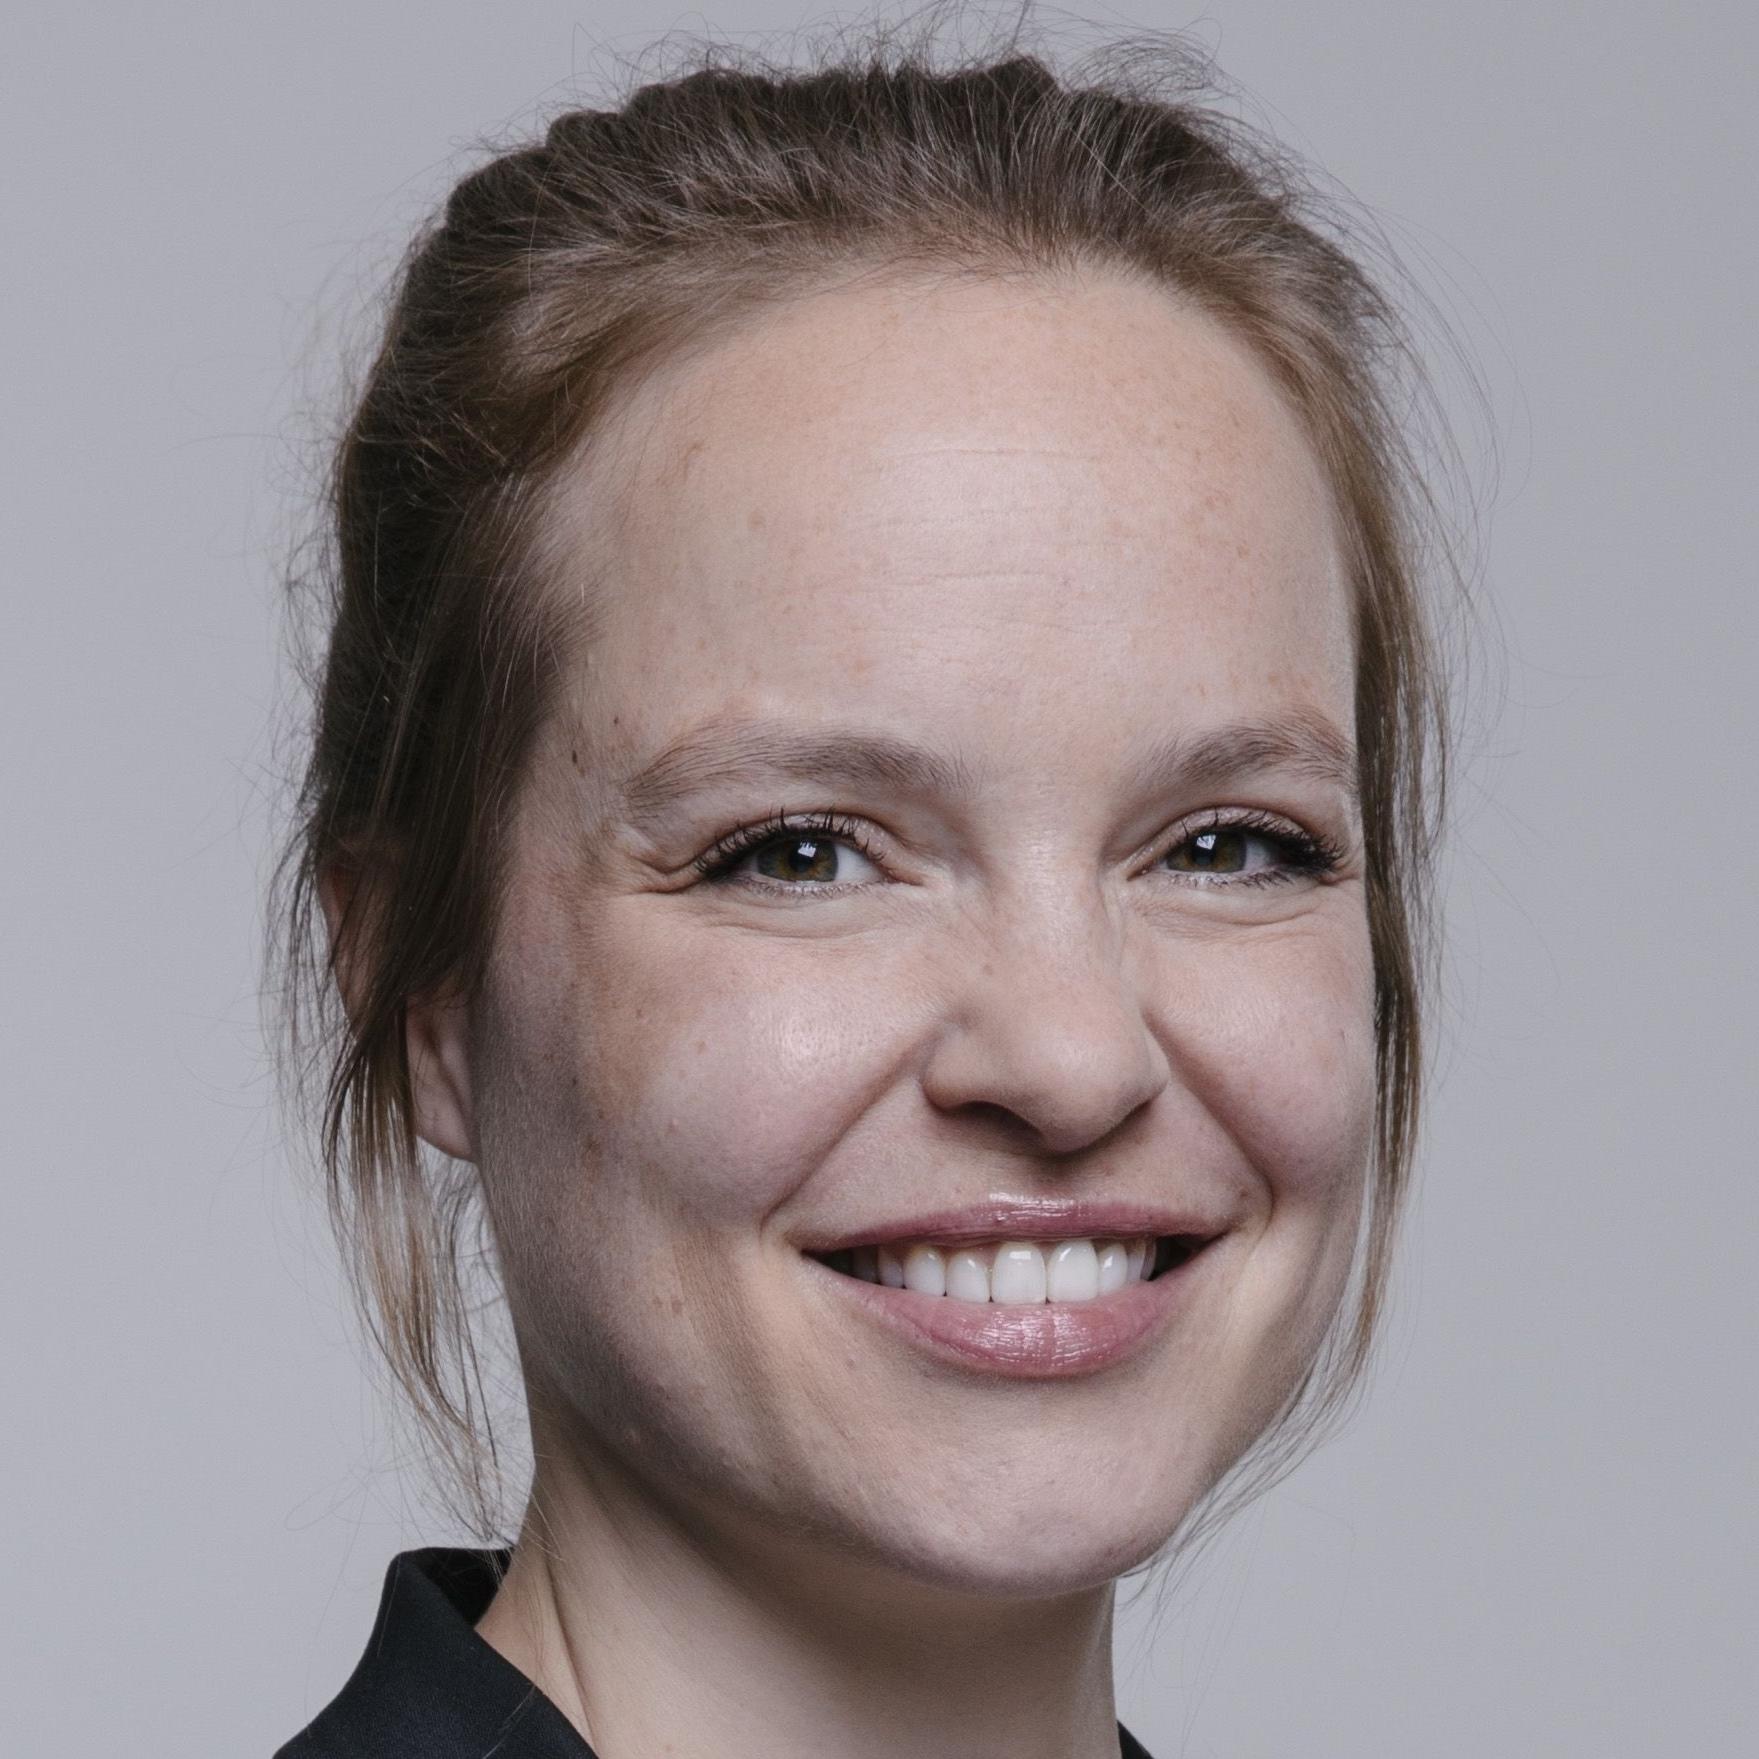 Nathalie Stüben